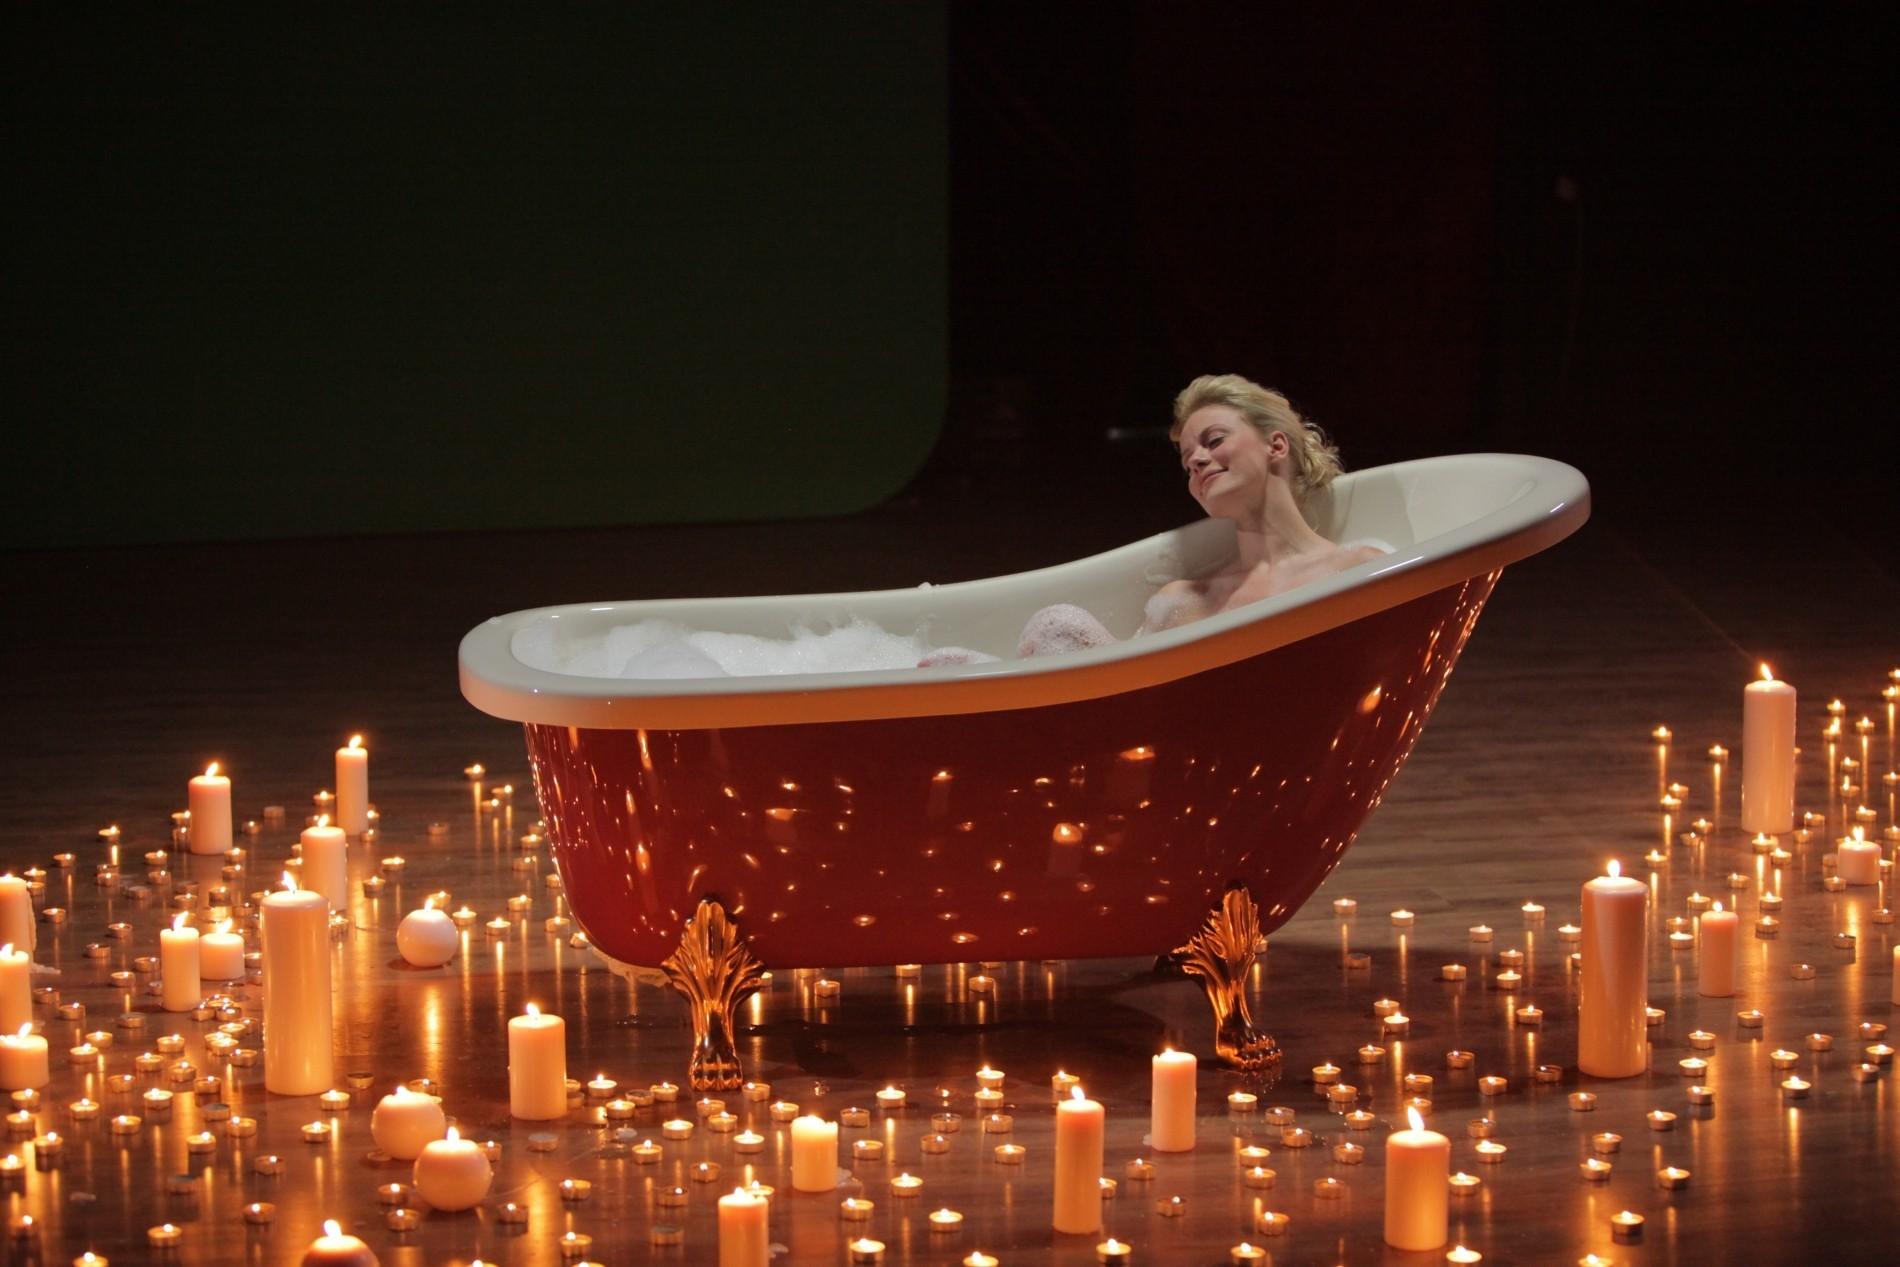 Η Ζέτα στο μπάνιο και η Τζένη… στο ξυράφι!